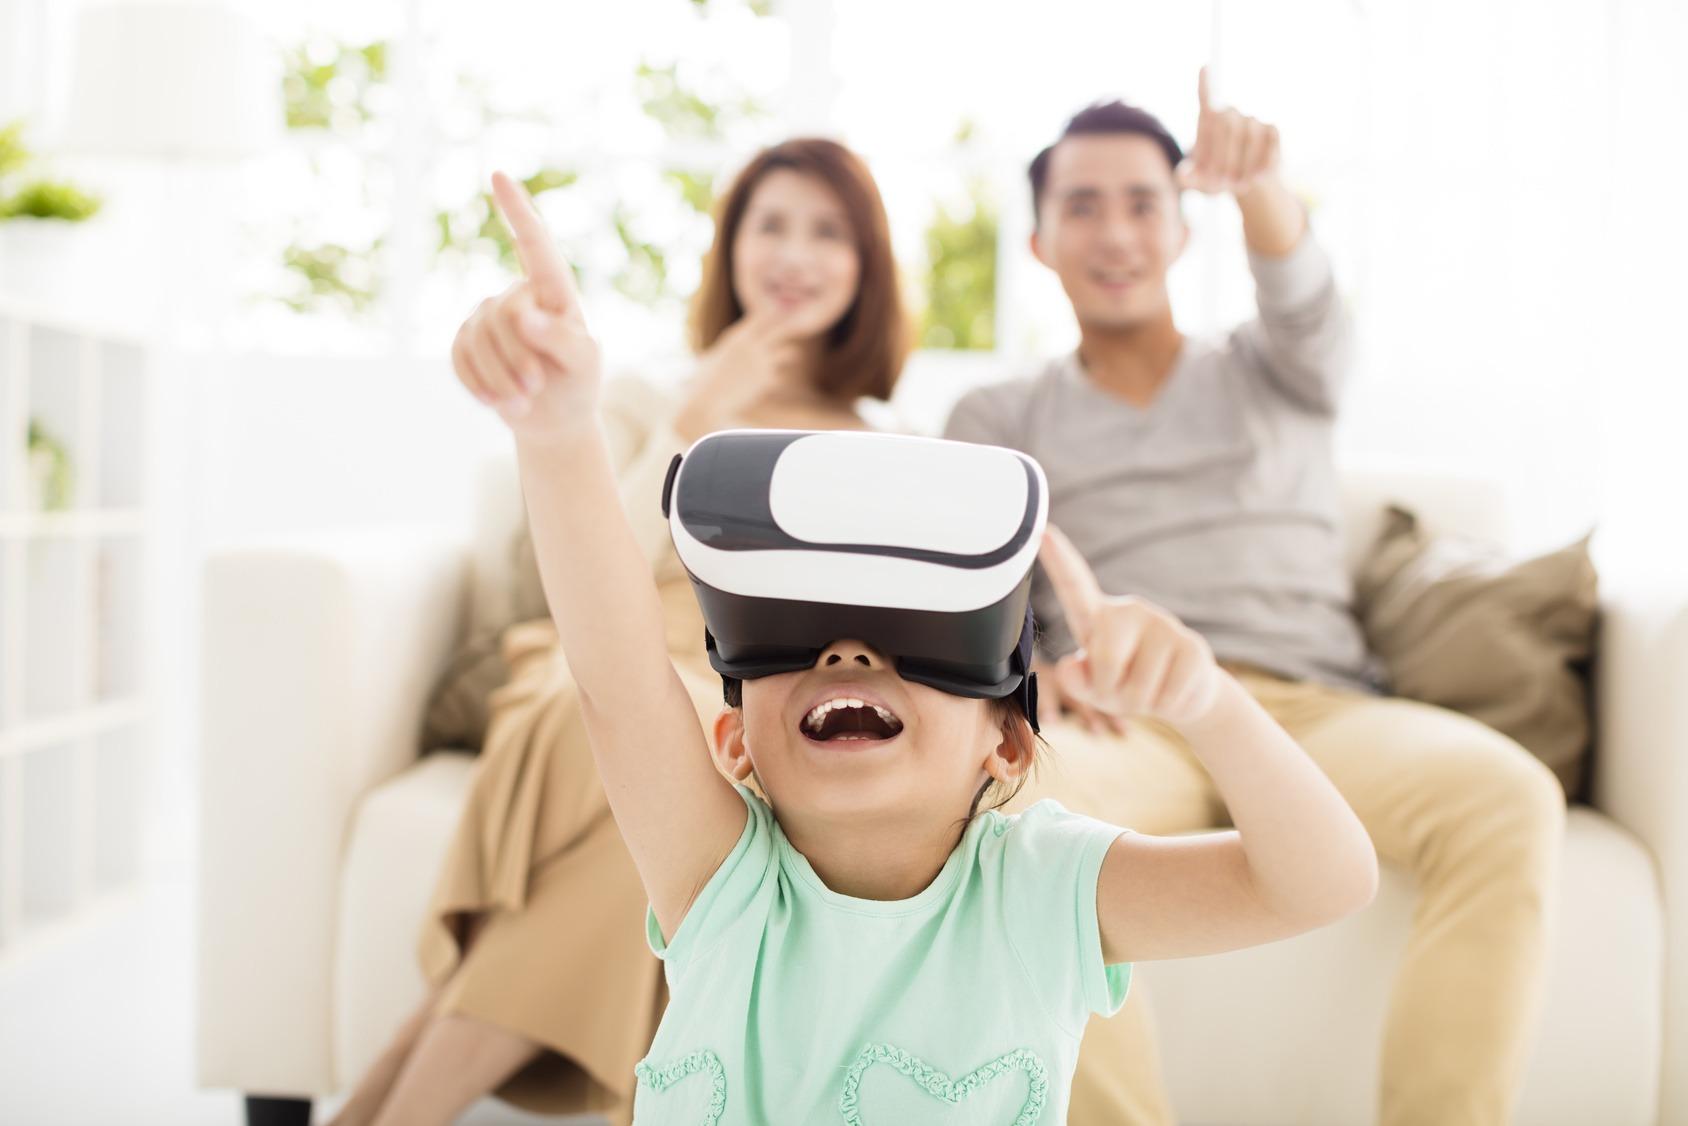 Eine junge Familie testet eine VR-Brille. Das Kind trägt die Virtual Reality Brille und sitzt im Vordergrund, die Eltern sitzen dahinter.